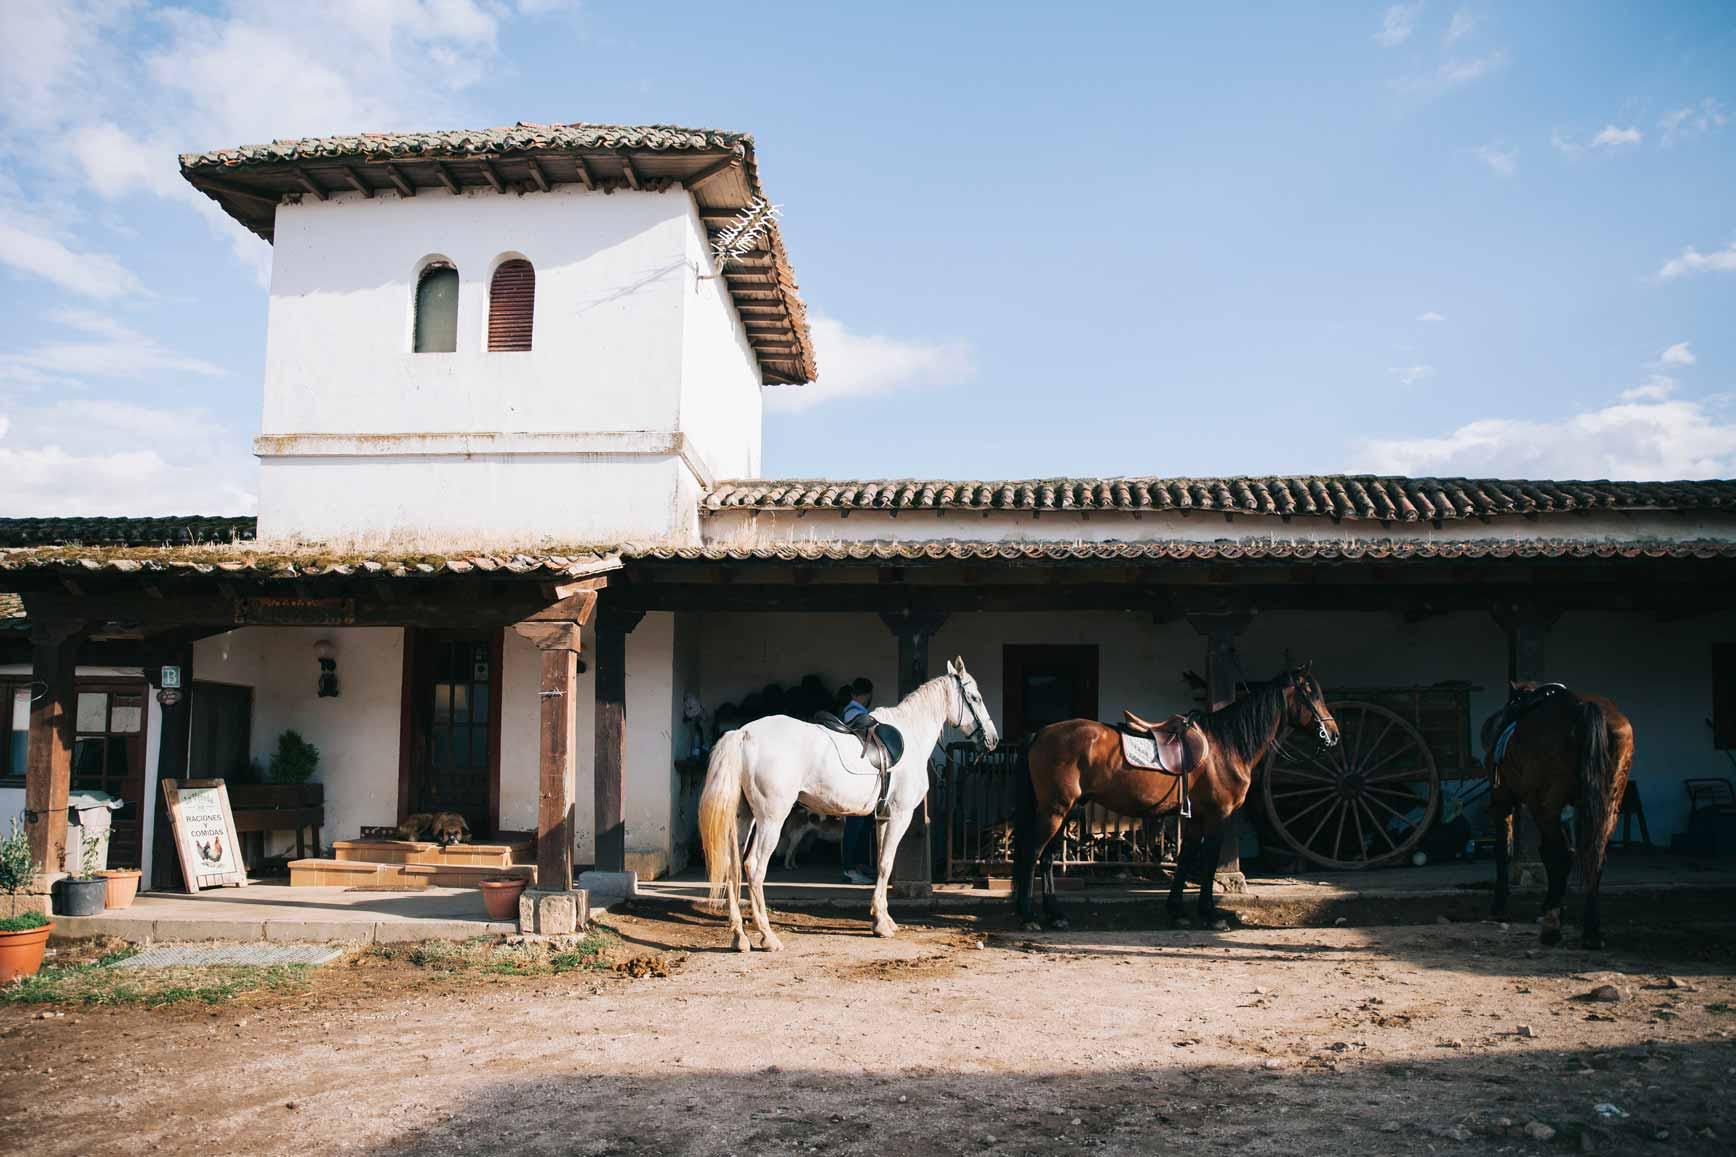 Ruta a Caballo - Caballos La Vereda_claraBmartin_46